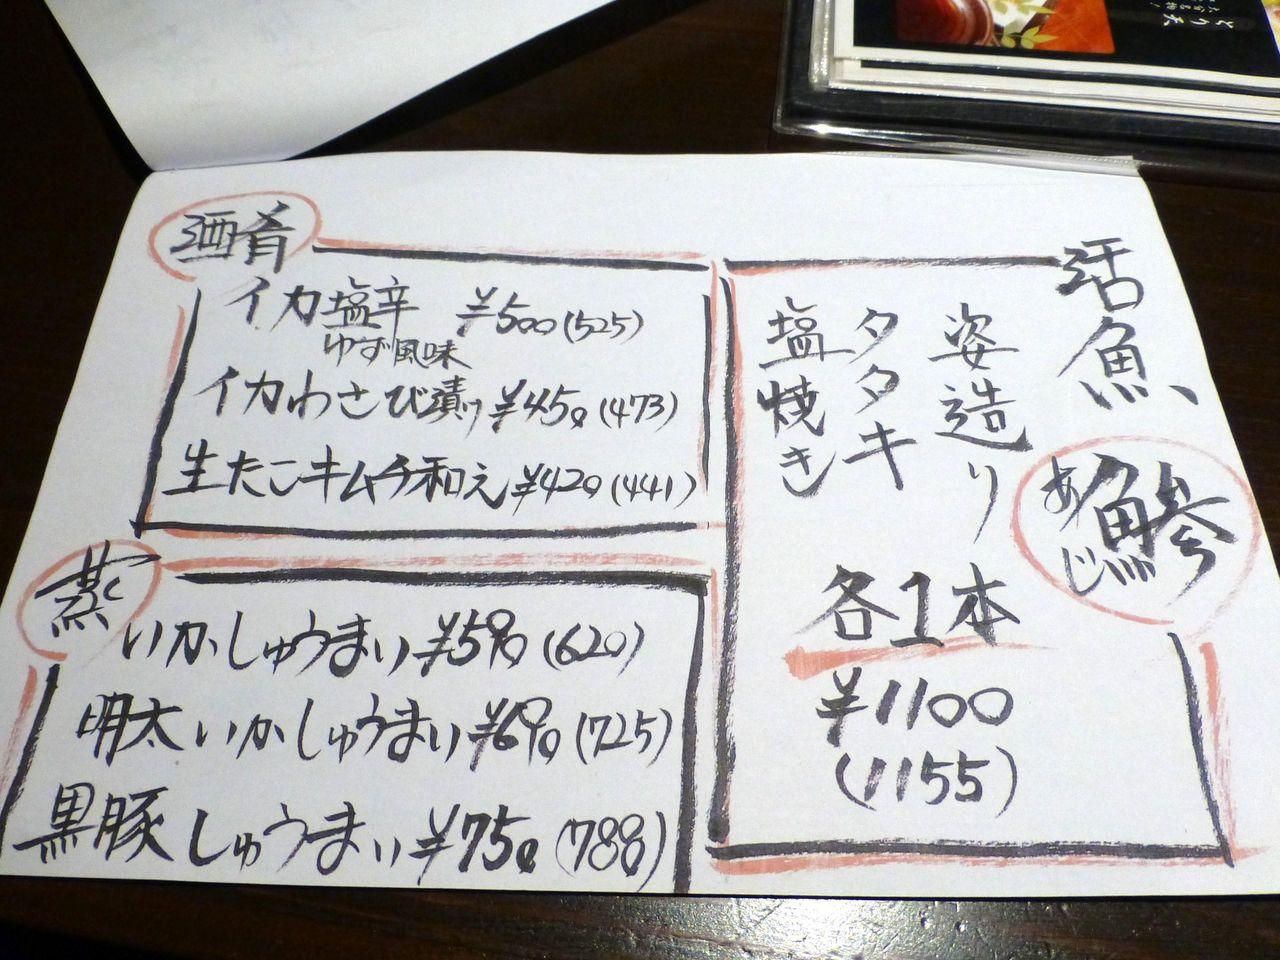 なぎの木銀座店のメニュー(25年10月現在)